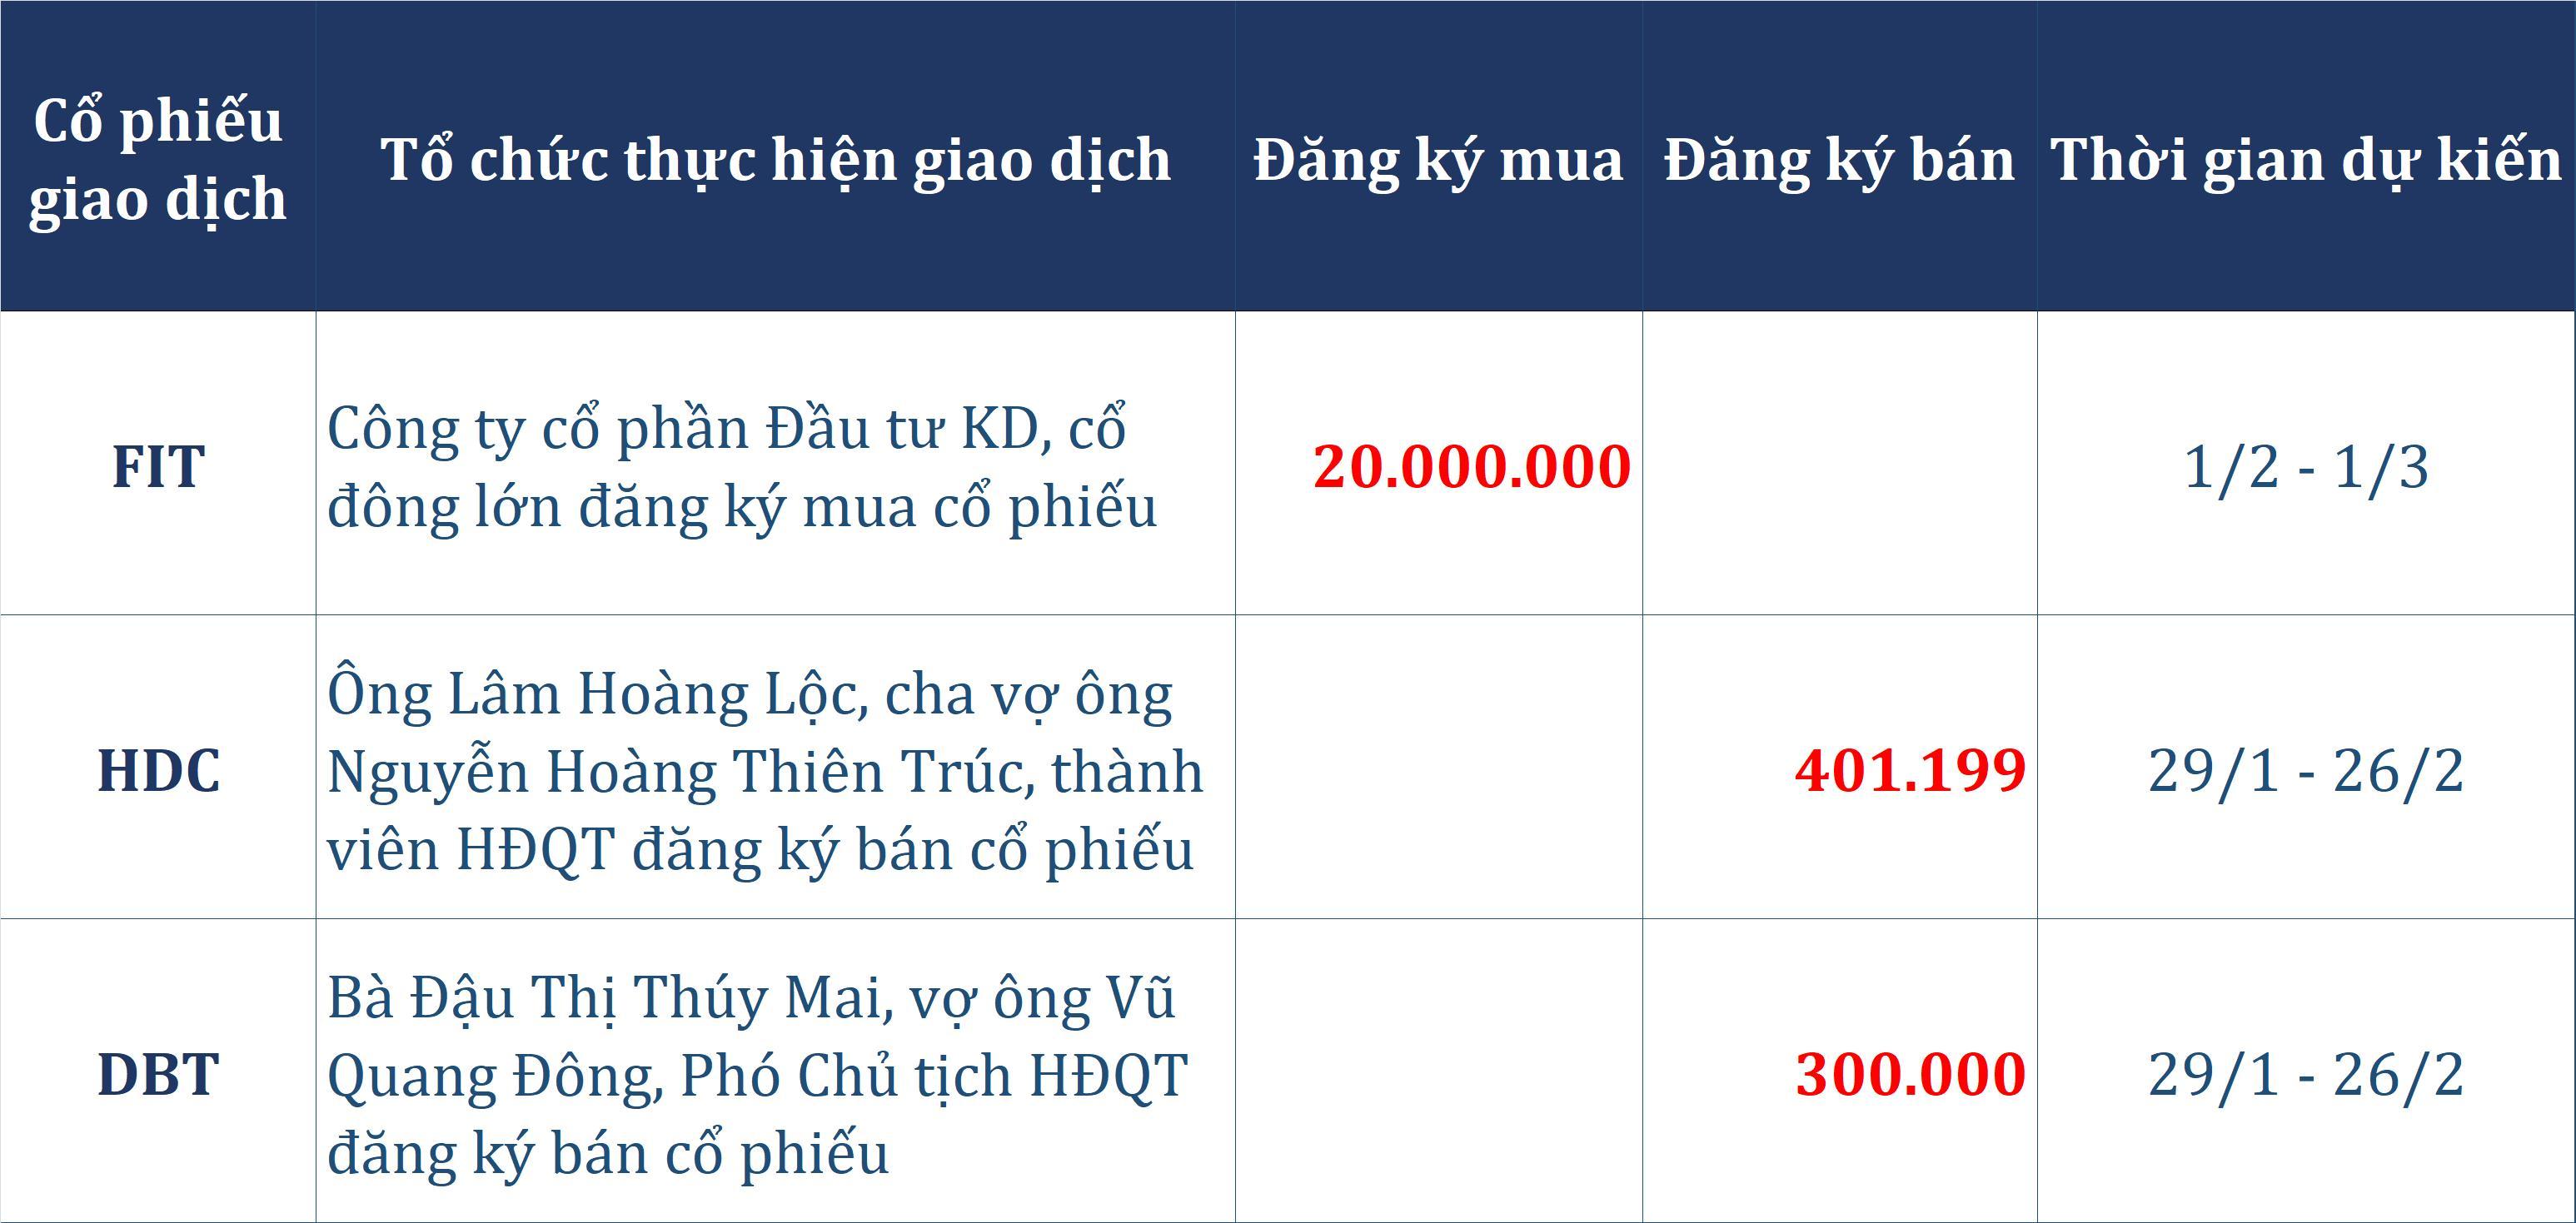 Dòng tiền thông minh 27/1: NĐT cá nhân tiếp tục rót ròng 450 tỷ đồng bất chấp đà bán ròng từ tự doanh và khối ngoại - Ảnh 2.